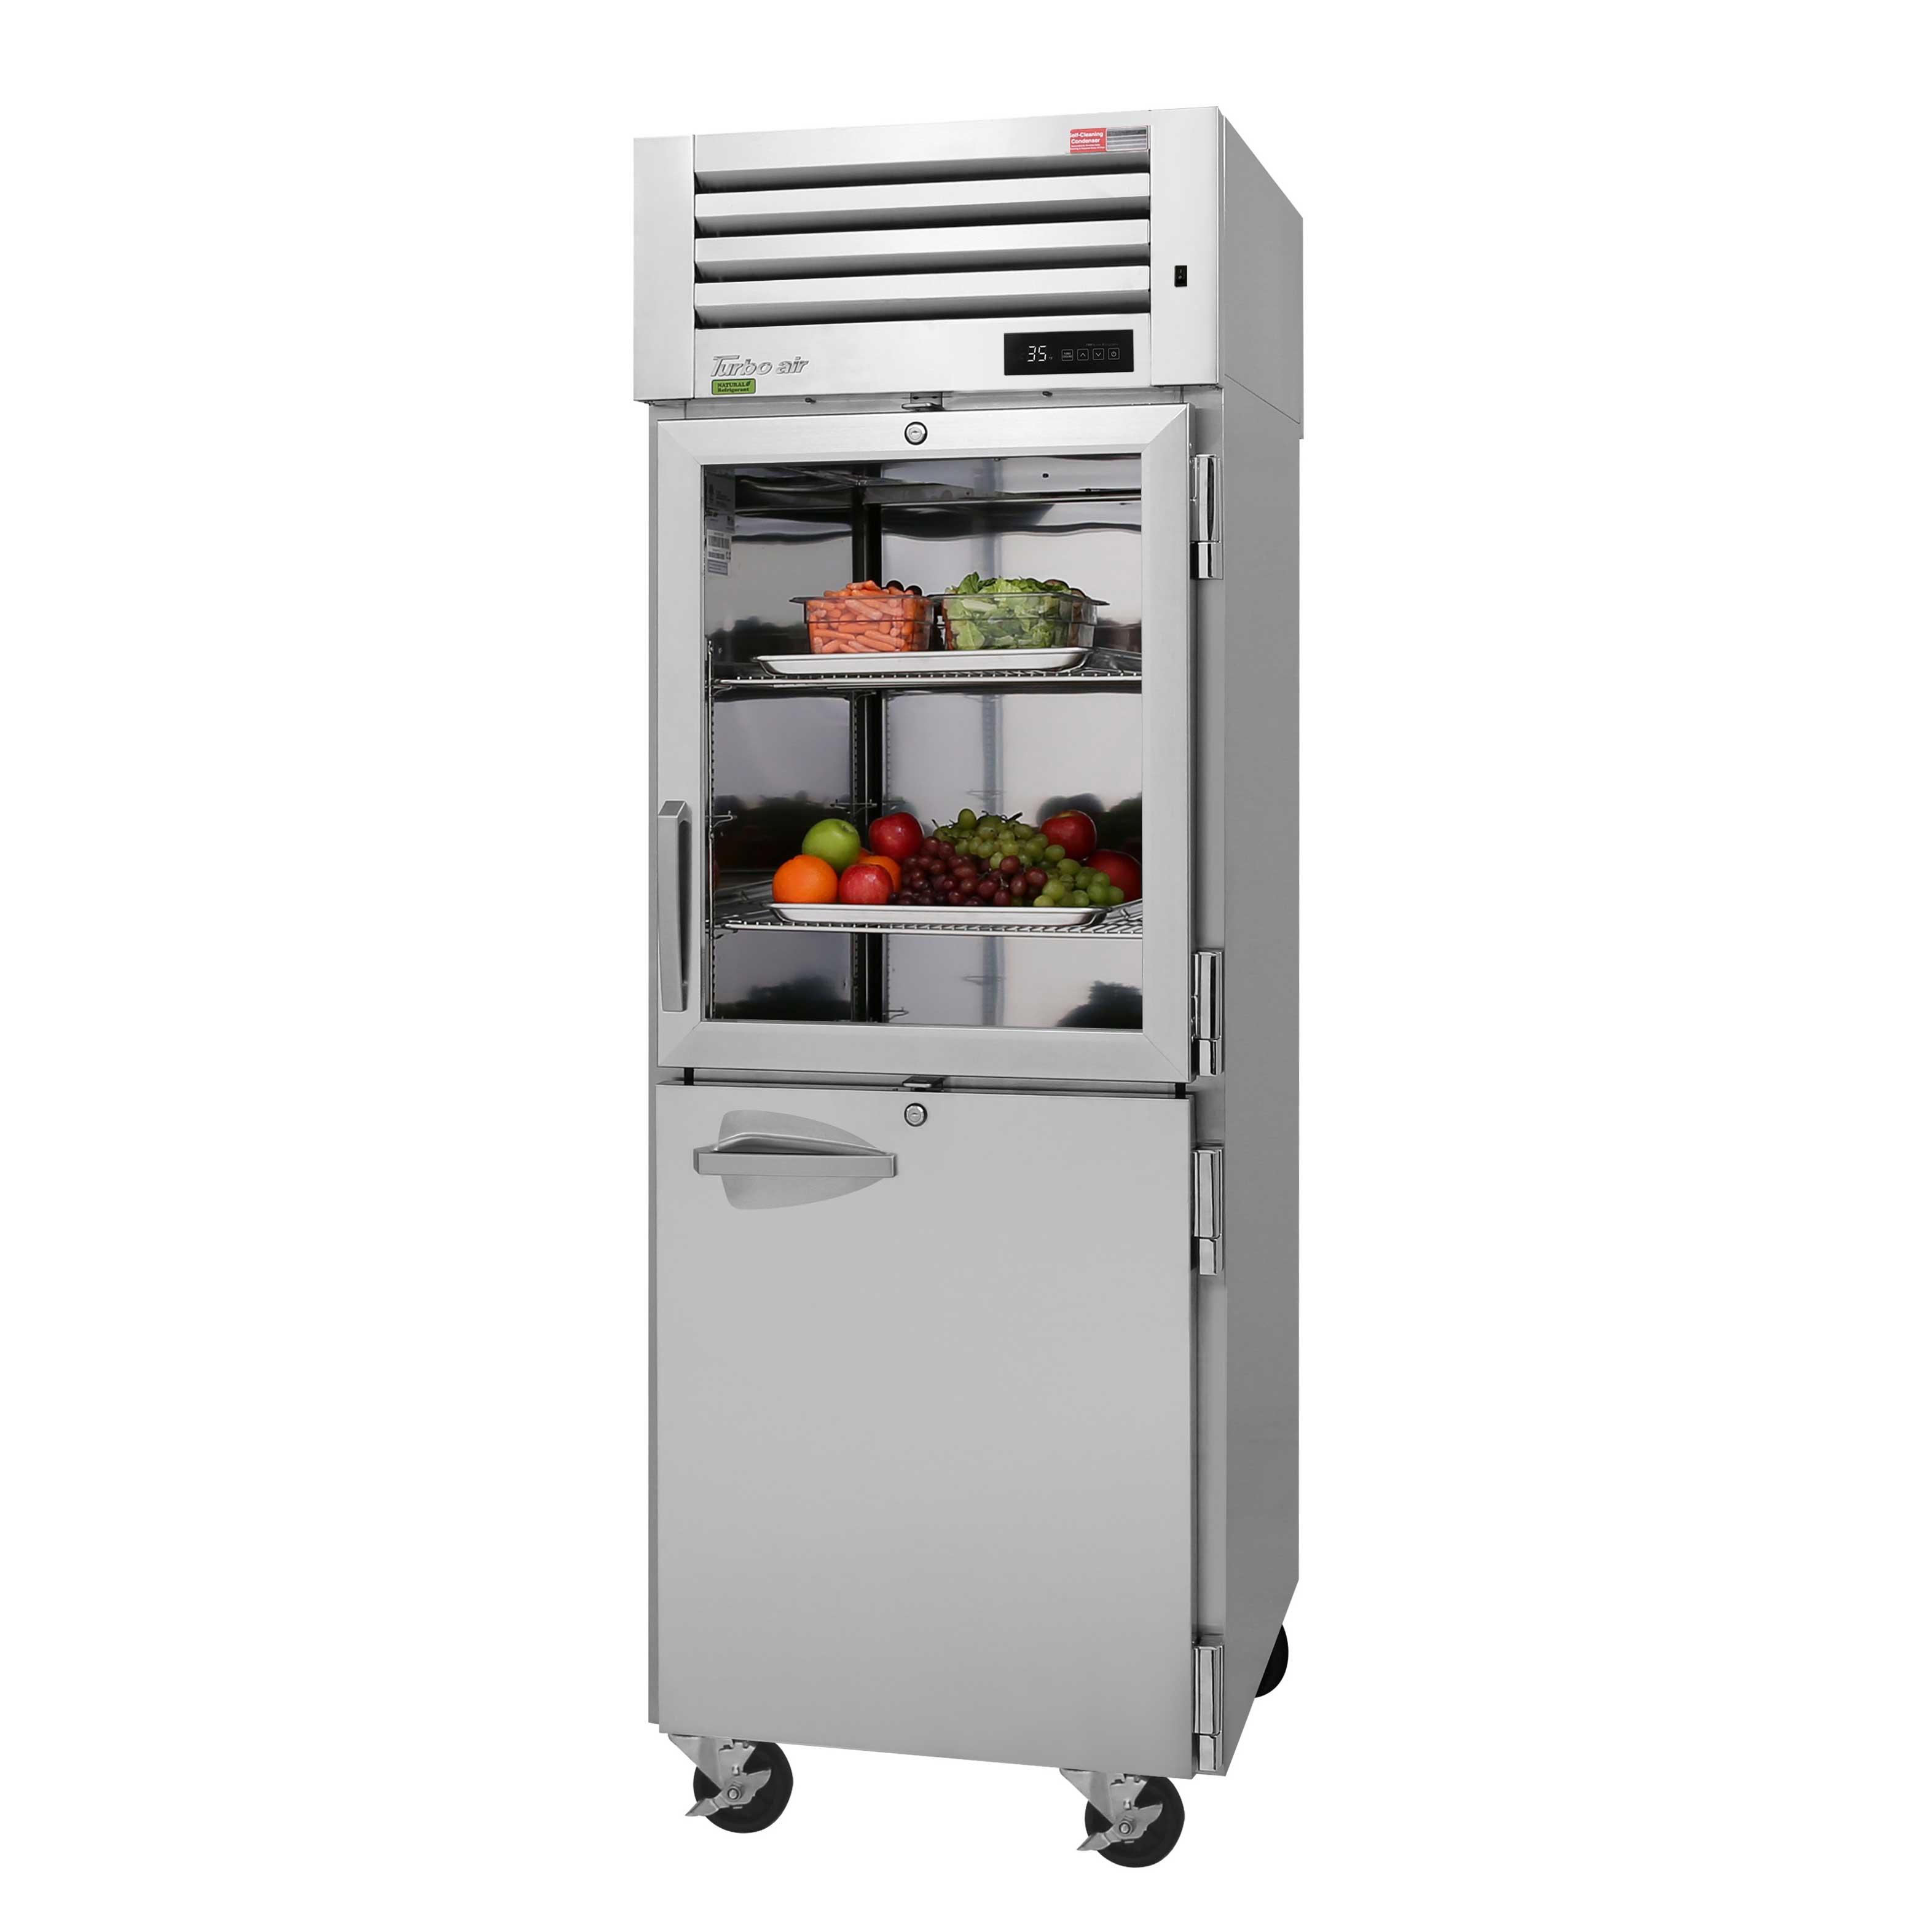 Turbo Air PRO-26R-GSH-N refrigerator, reach-in